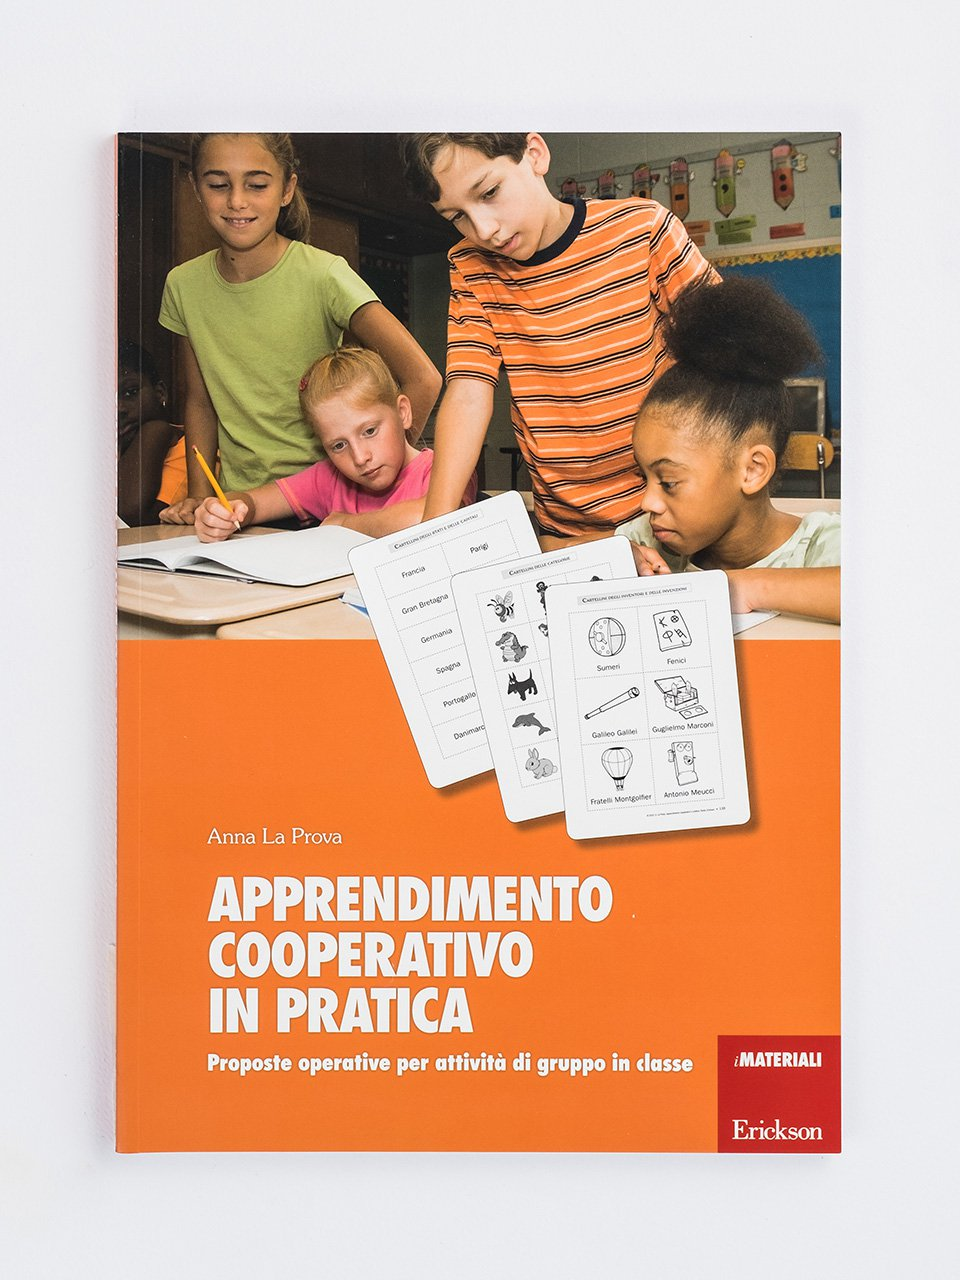 Apprendimento cooperativo in pratica - Tutoring - Libri - Erickson